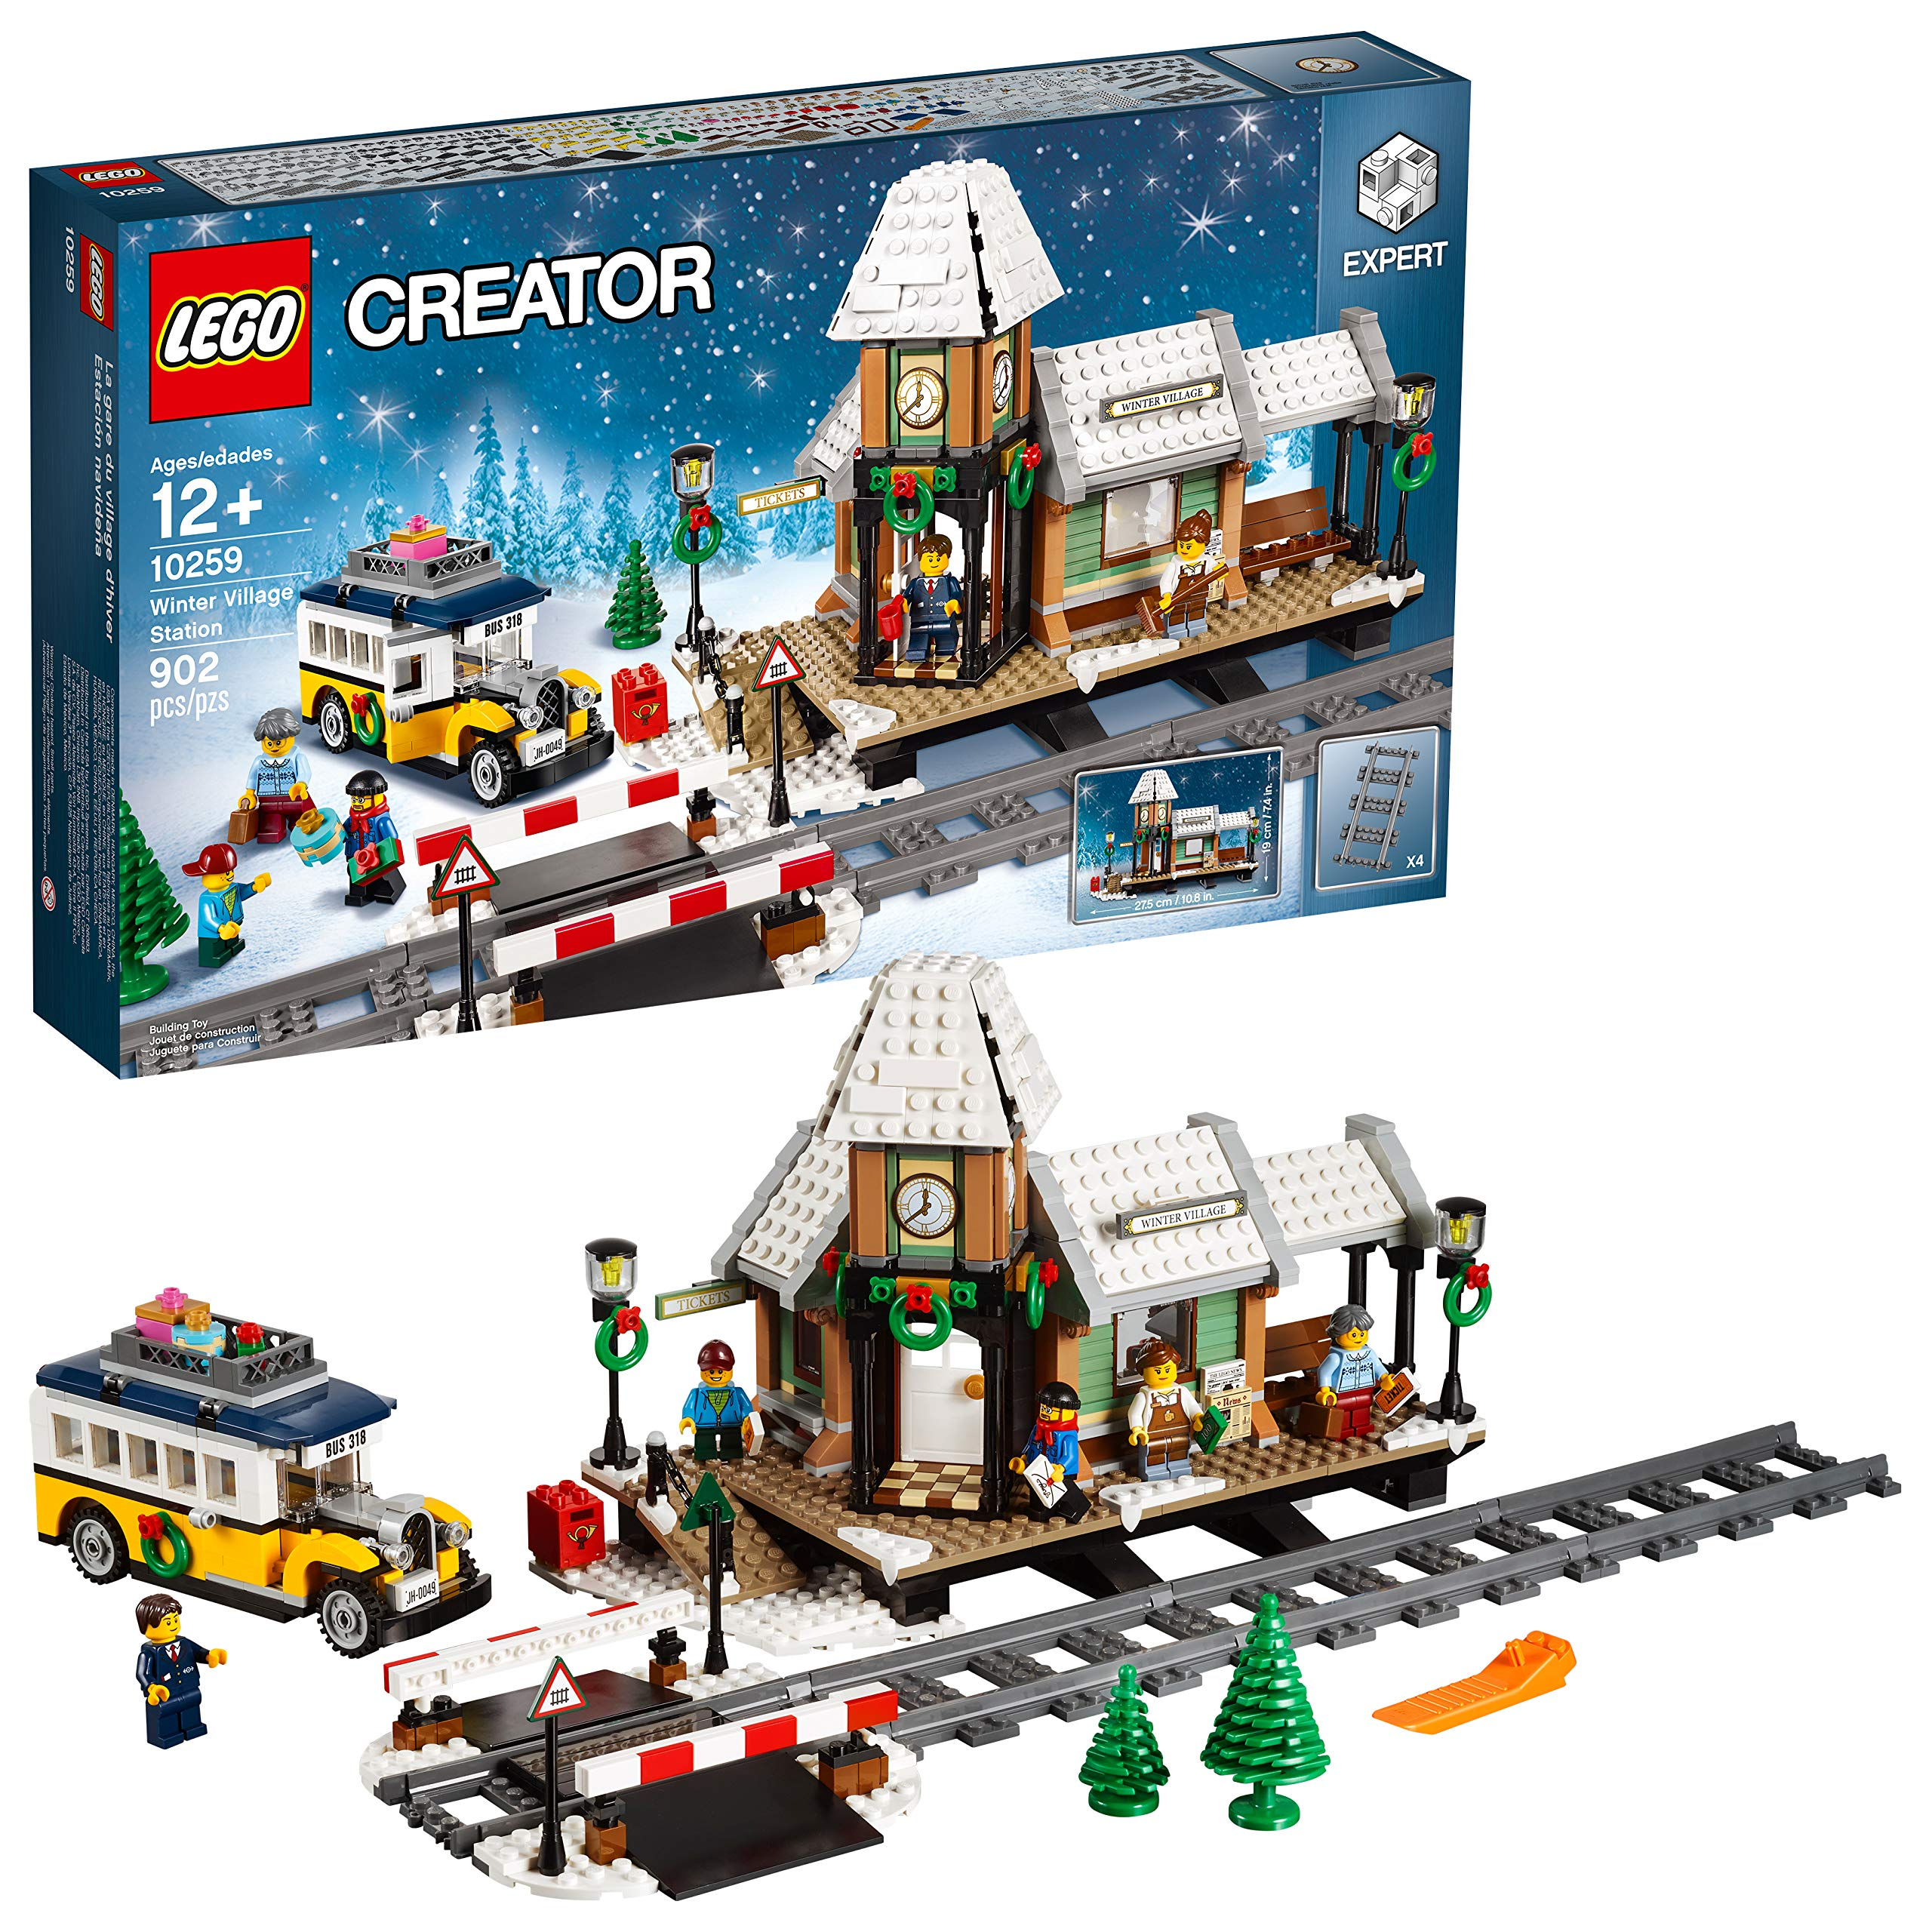 lego creator expert winter village station 10259 building. Black Bedroom Furniture Sets. Home Design Ideas